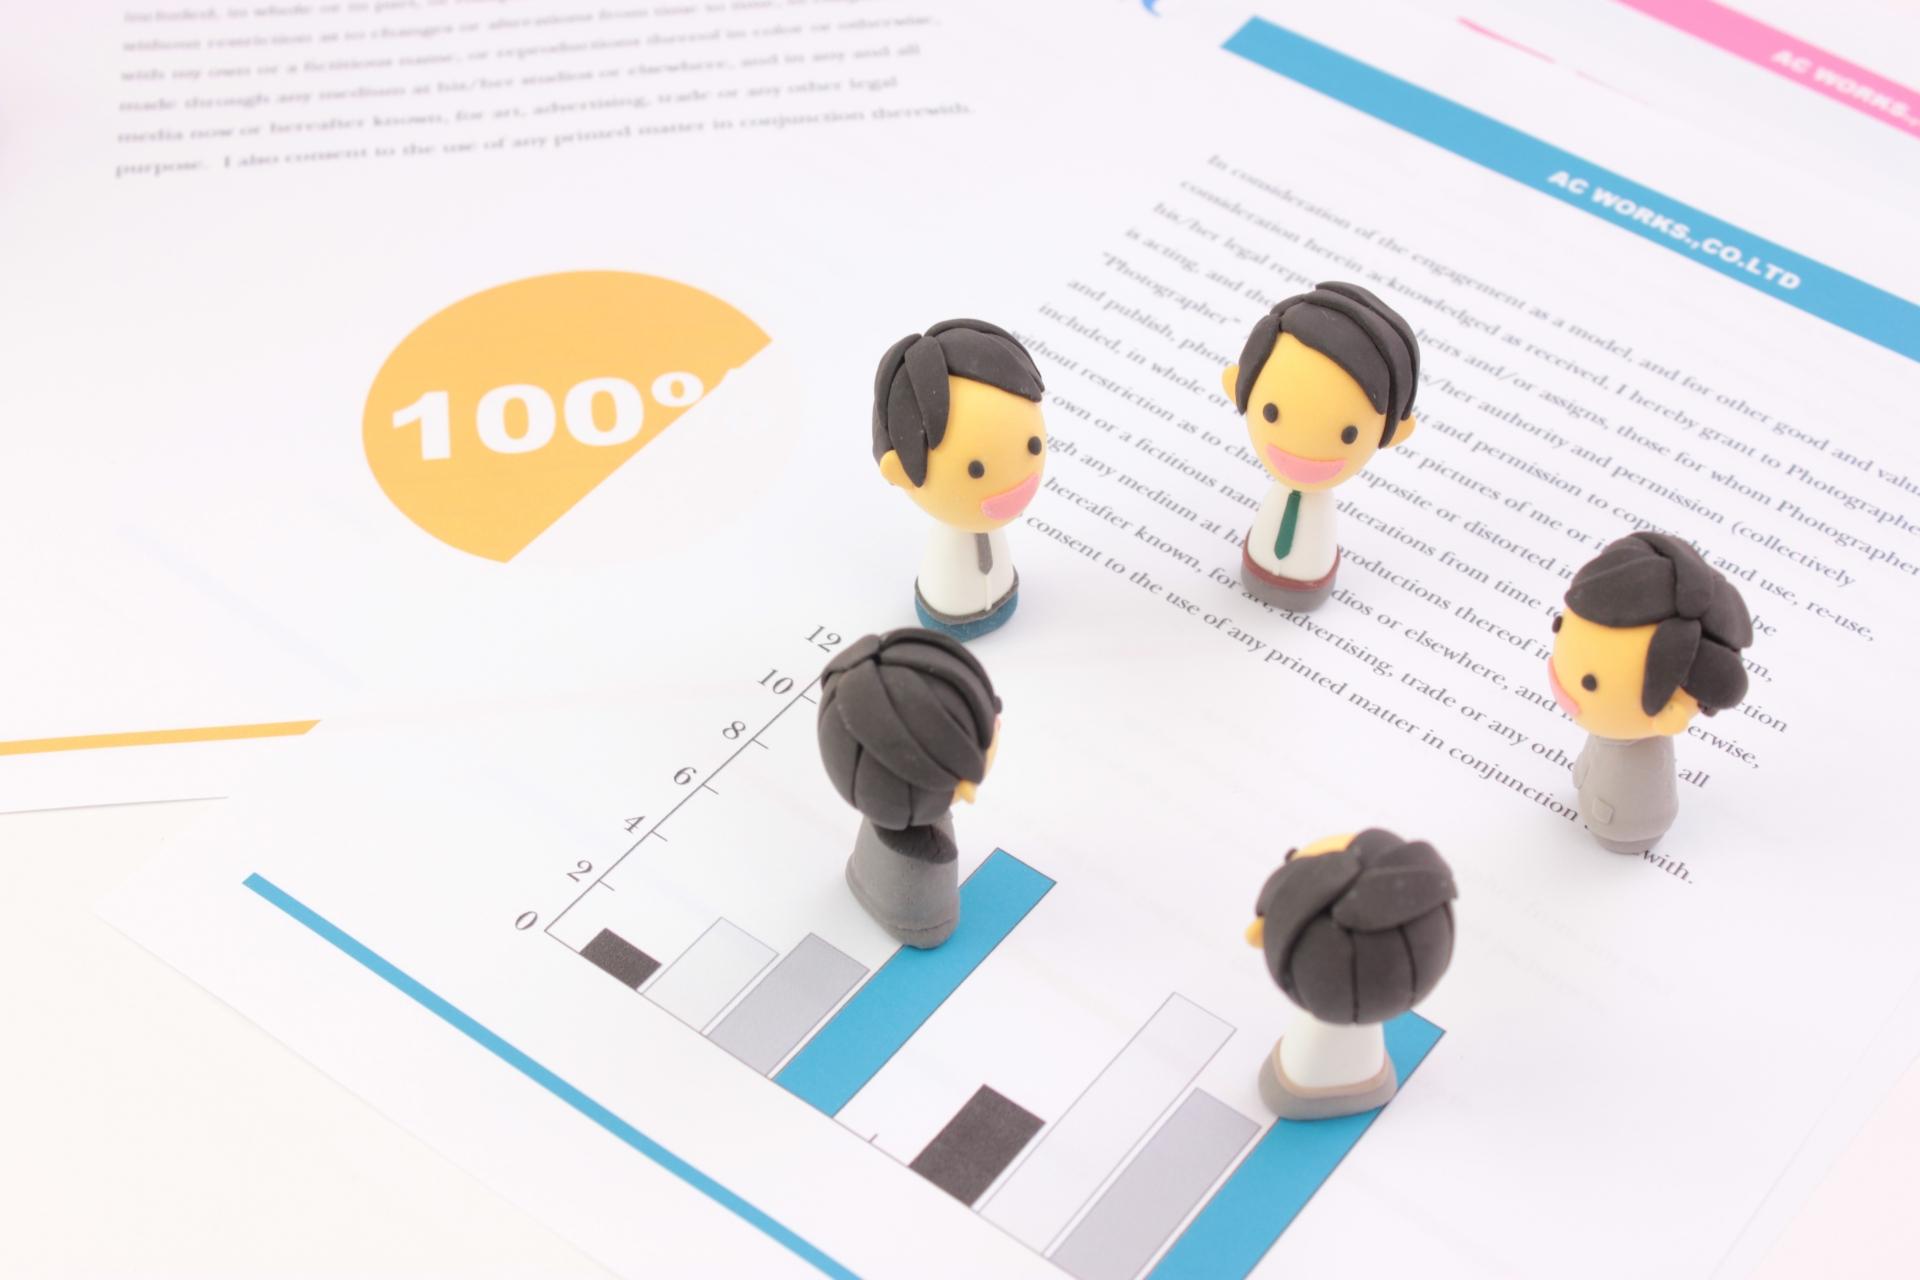 事業計画書の作り方。ポイントをおさえてわかりやすい内容を書こう